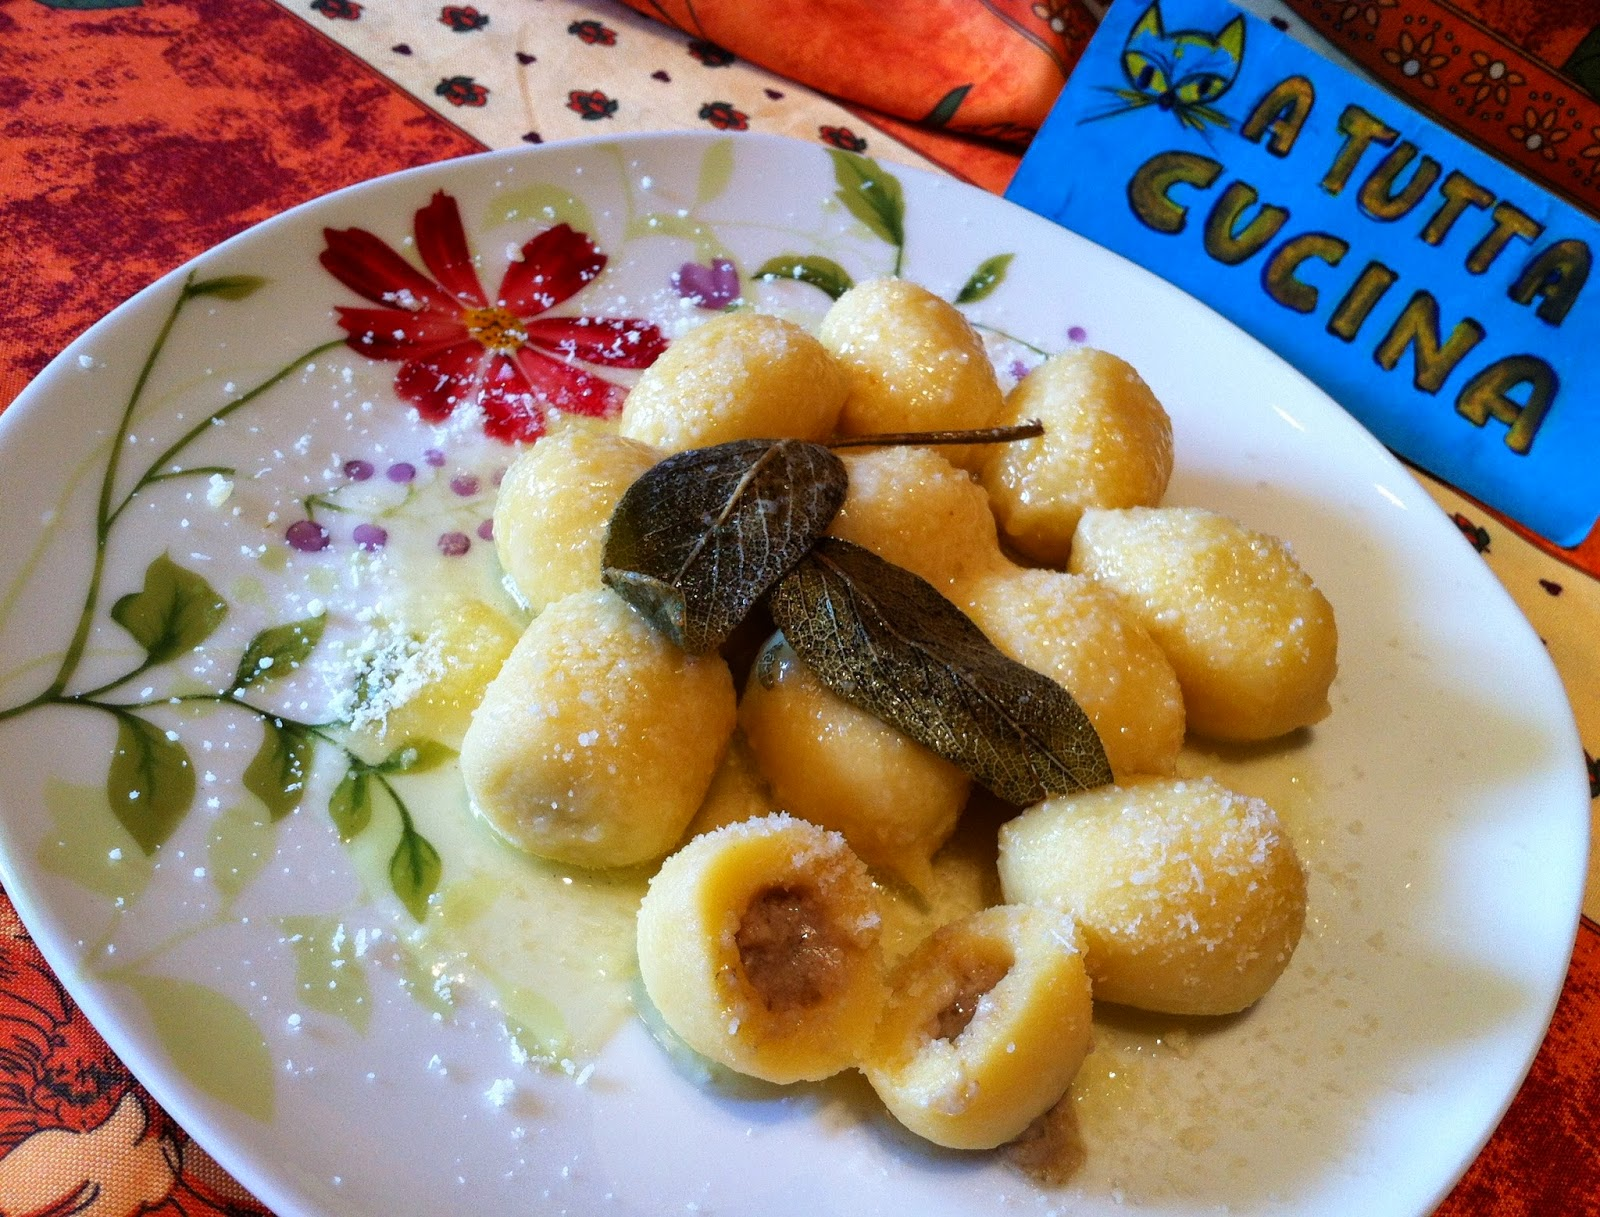 Ricetta Gnocchi Ripieni Al Radicchio.A Tutta Cucina Gnocchi Ripieni Al Gorgonzola E Radicchio